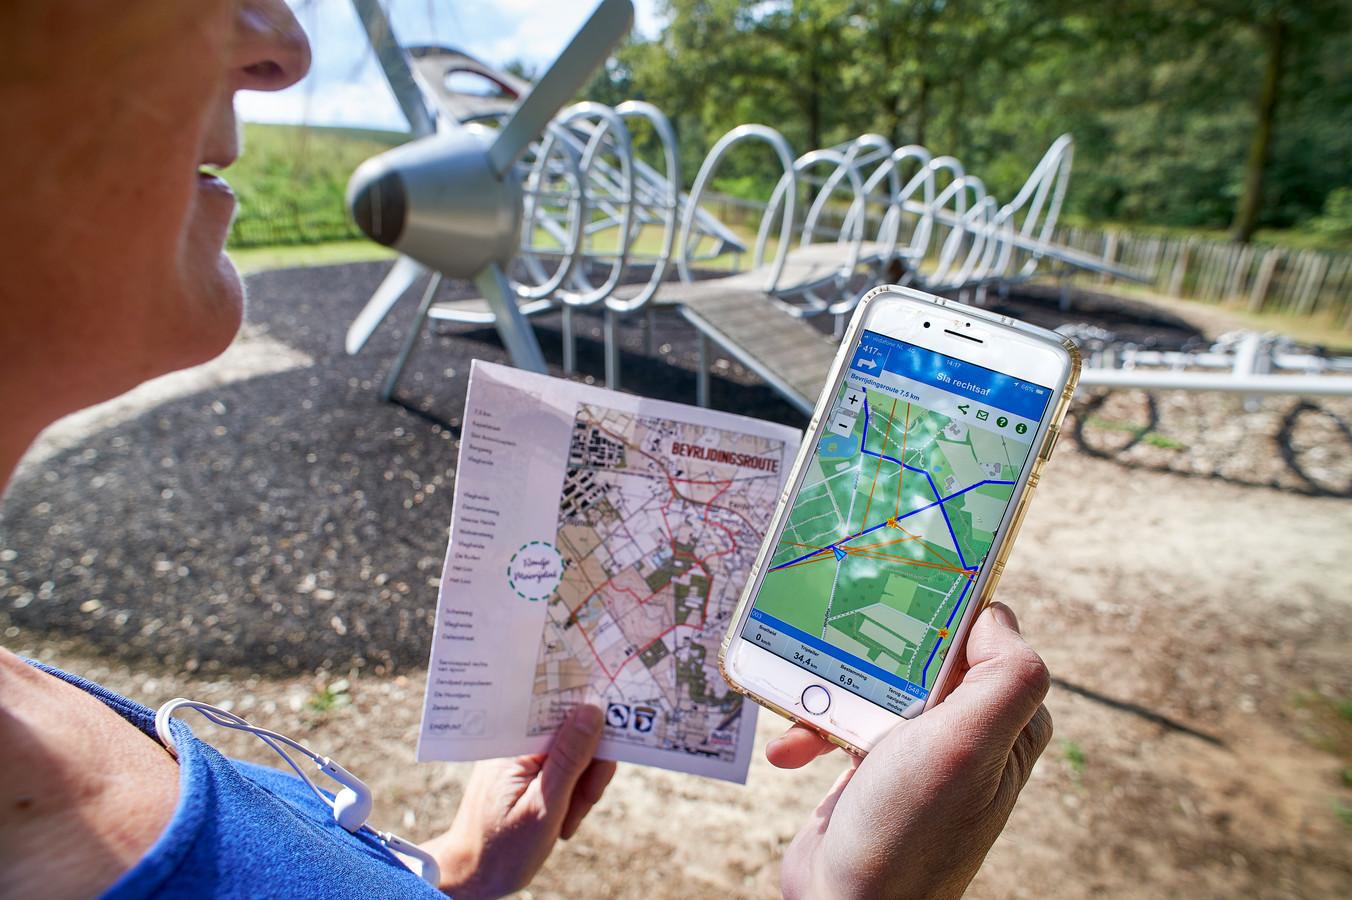 De bevrijdingsroute van Rondje Meierijstad is te lopen met een app en/of een kaart. Bij historisch waardevolle punten is te luisteren naar fragmenten van Radio Oranje. foto Jeroen Appels/ Van Assendelft